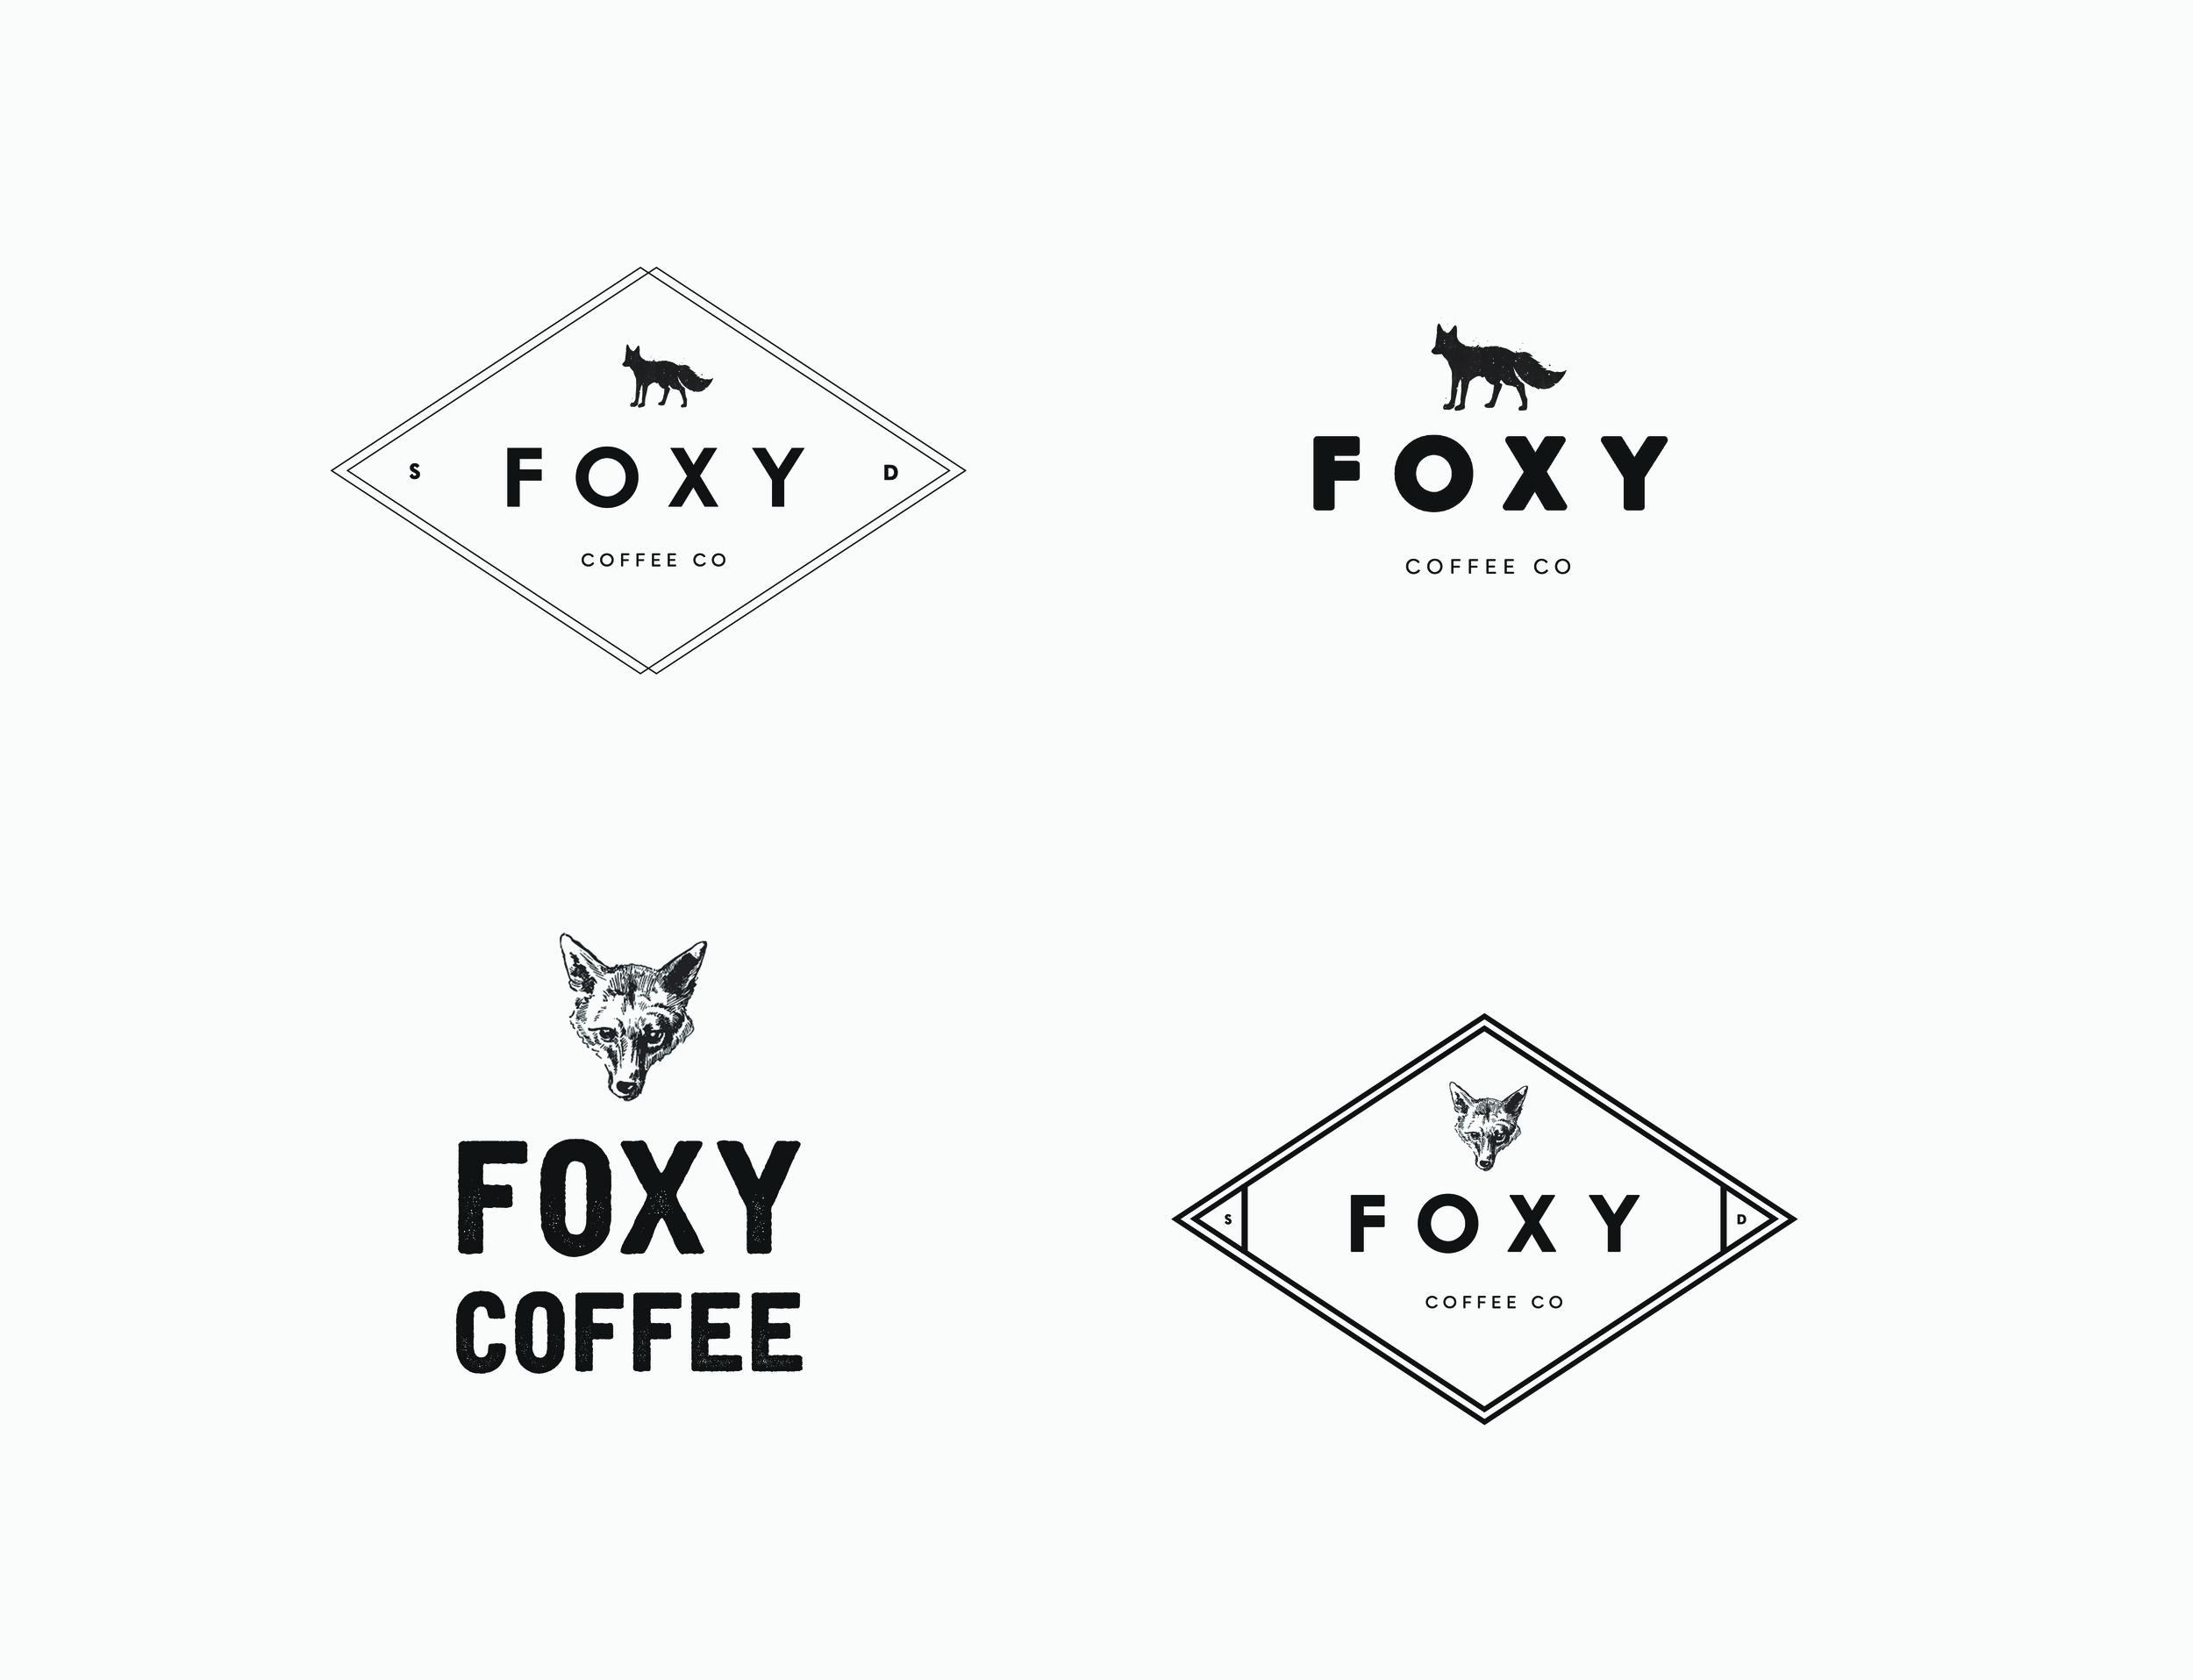 fpxy.jpg